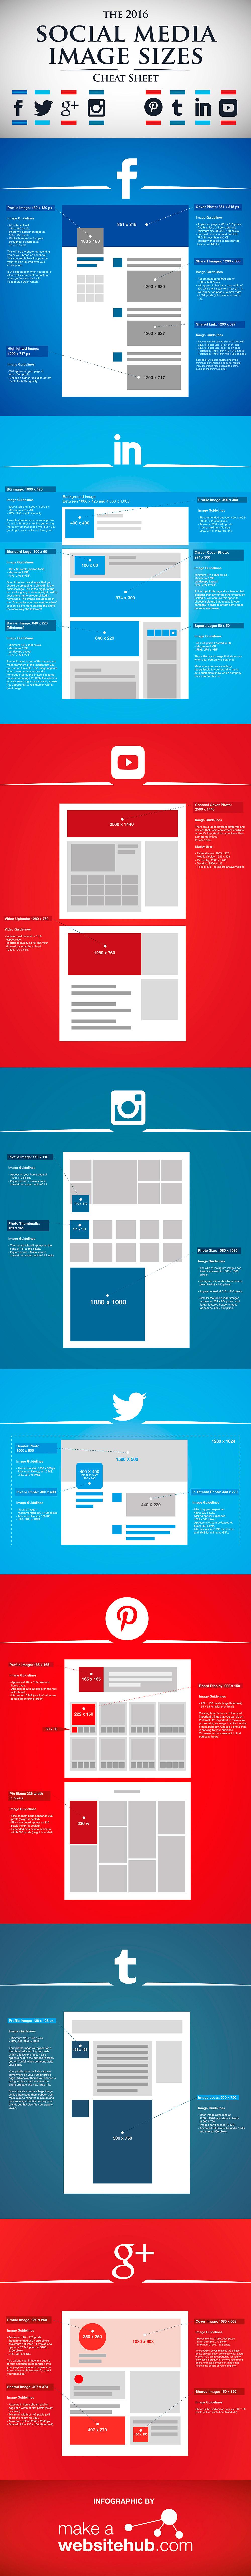 Google+, LinkedIn, Facebook… tailles d'images pour les réseaux sociaux